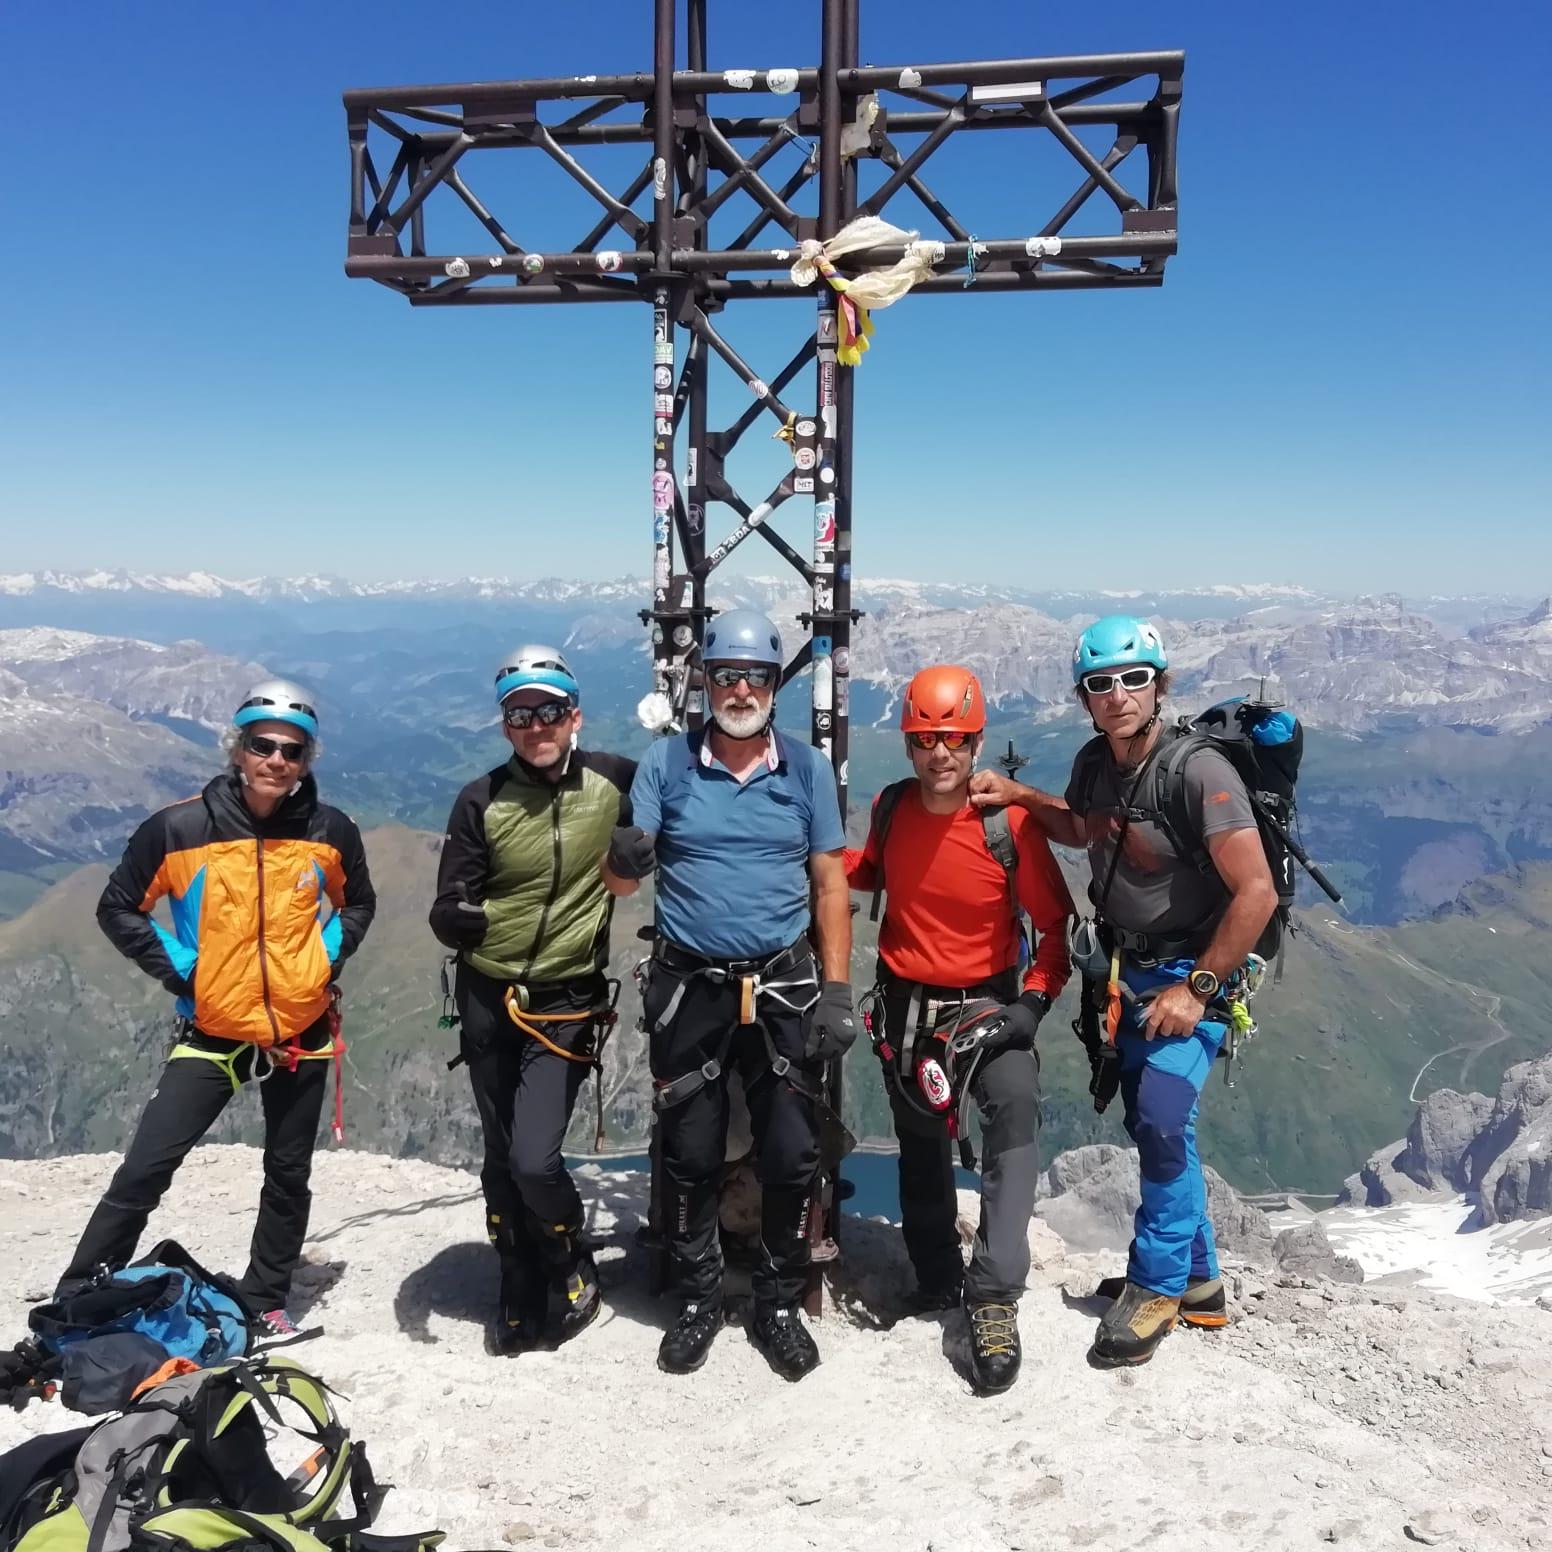 Els alpinistes bisbalencs Joan Rovira i Òscar Lombarte fan quatre cims a les Dolomites